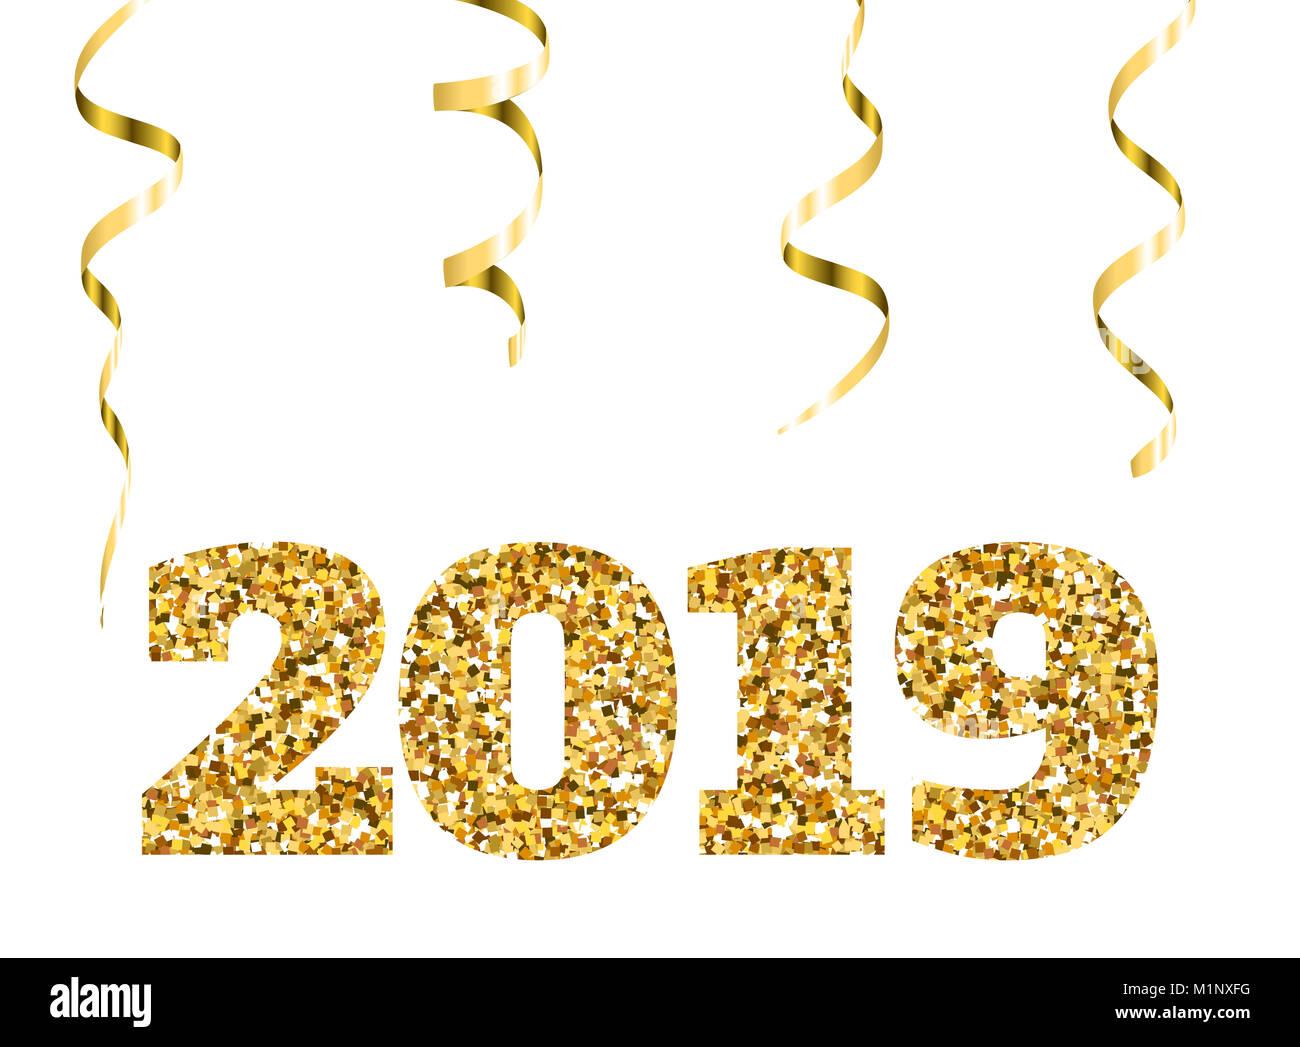 feliz año nuevo 2019 glitter particulas de oro y brilla elemento